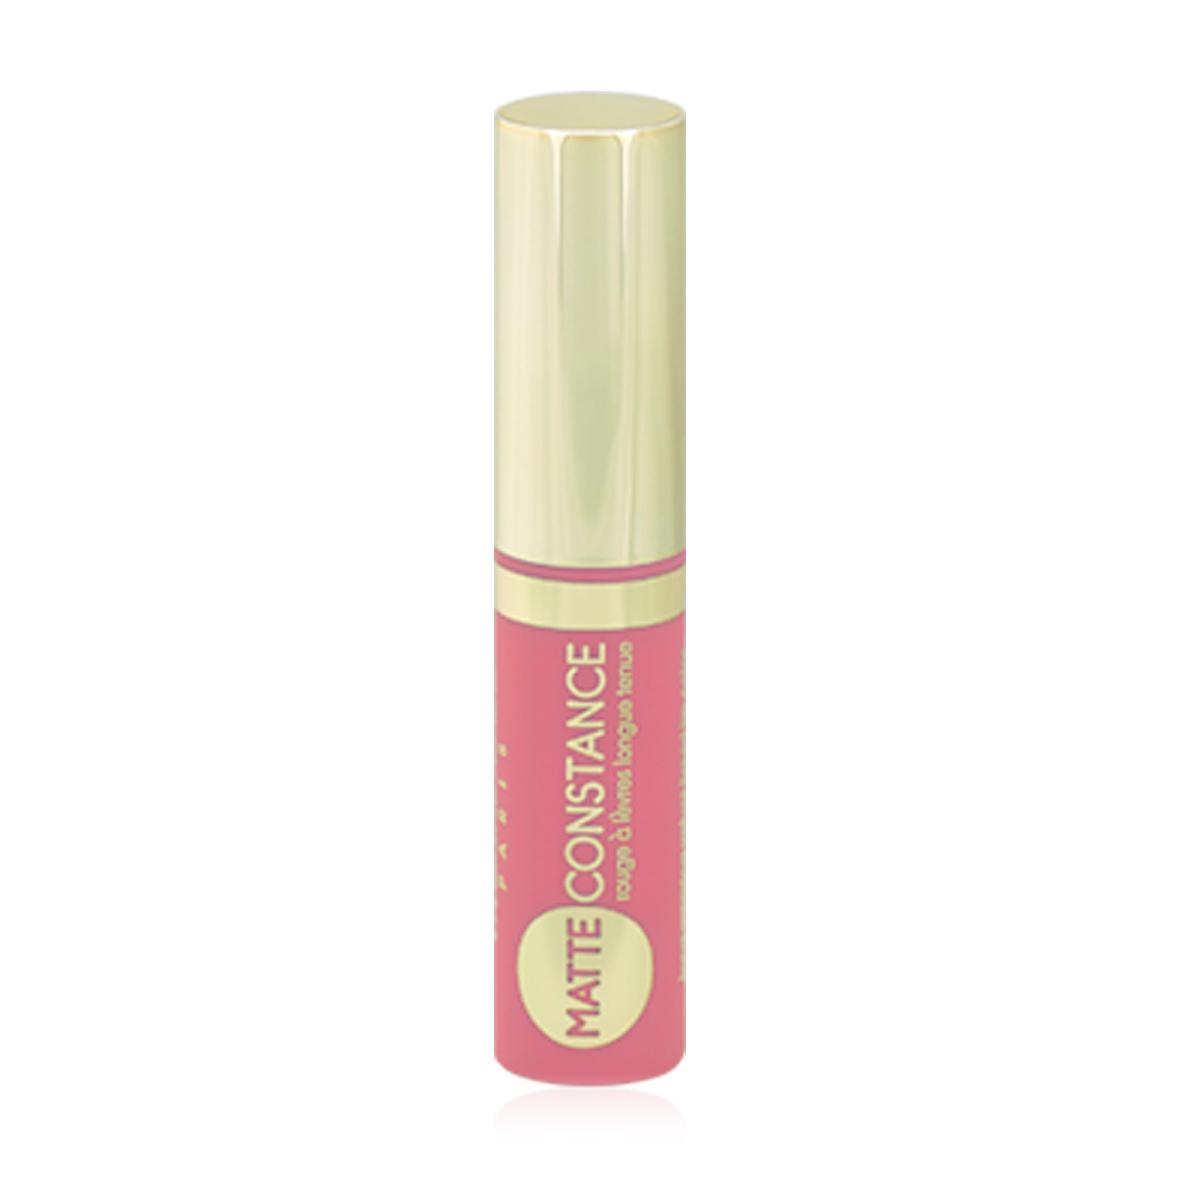 Купить Помада для губ жидкая Vivienne Sabo Matte Constance устойчивая с матовым эффектом 30, 3 мл